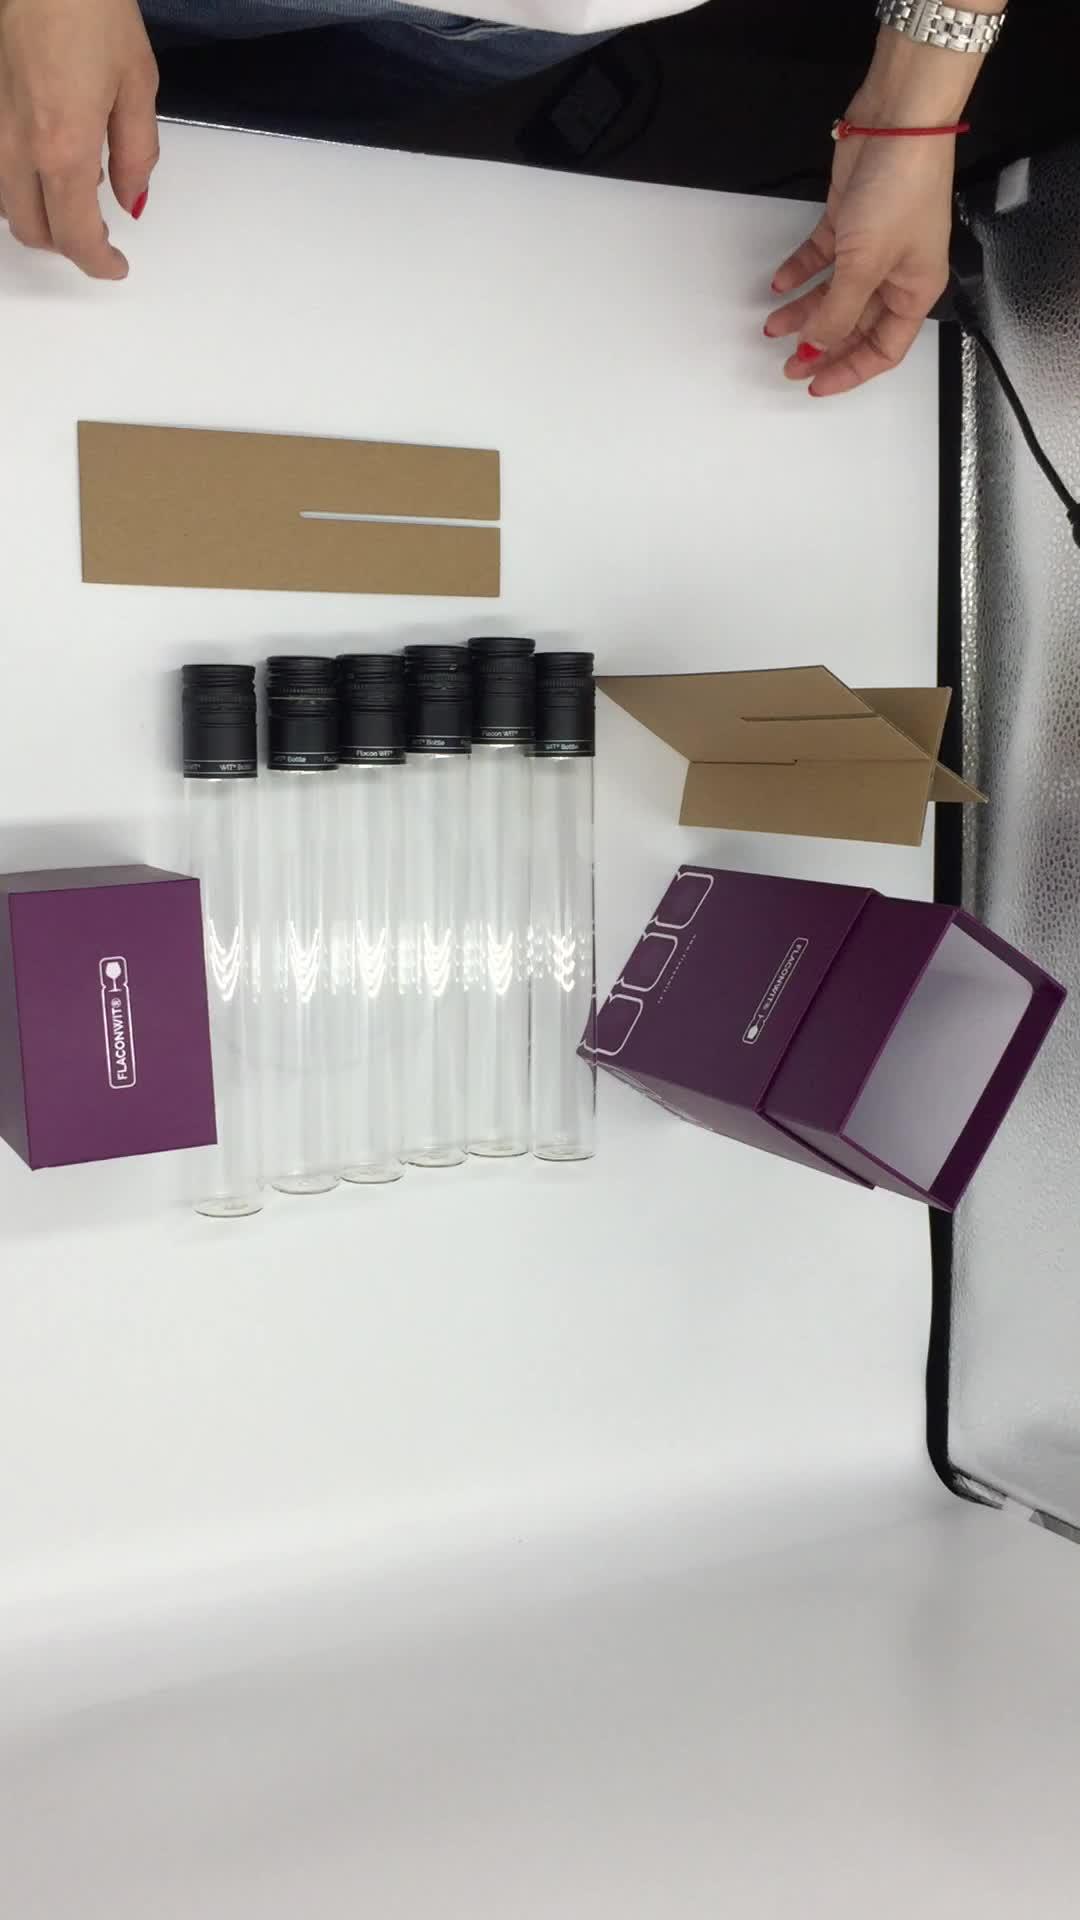 مخصص الفاخرة آلة تعبئة الهدايا صناديق لتعبئة زجاجات النبيذ 6 زجاجة ورق زجاجي مربع صندوق نبيذ أحمر التعبئة والتغليف